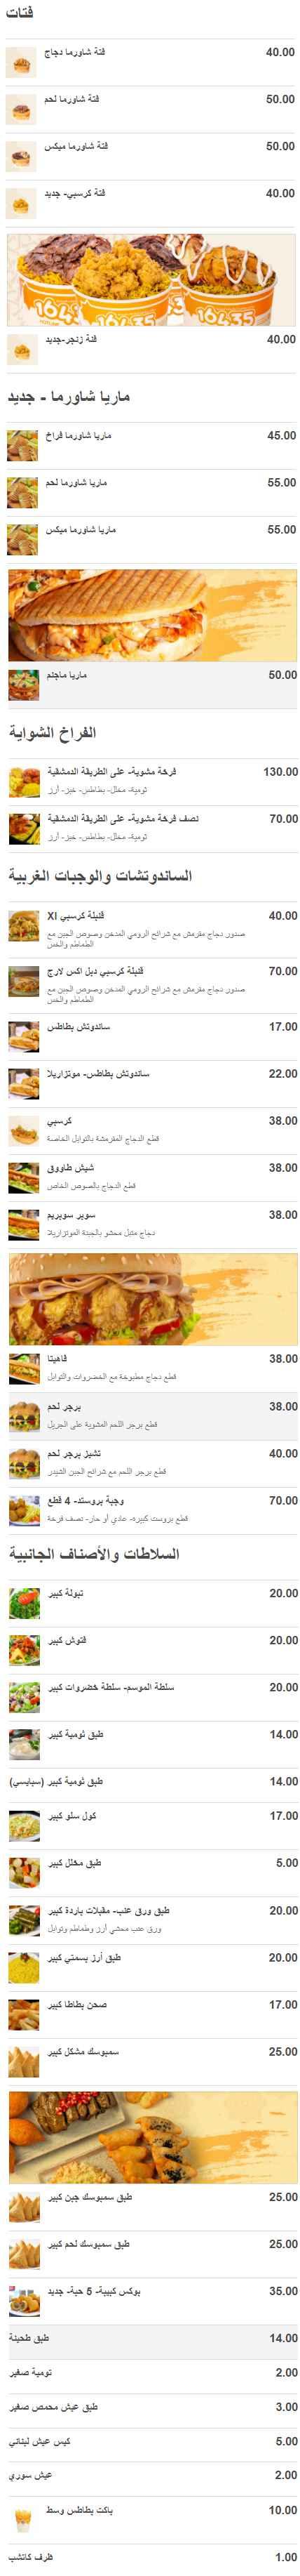 اسعار خواطر دمشقية